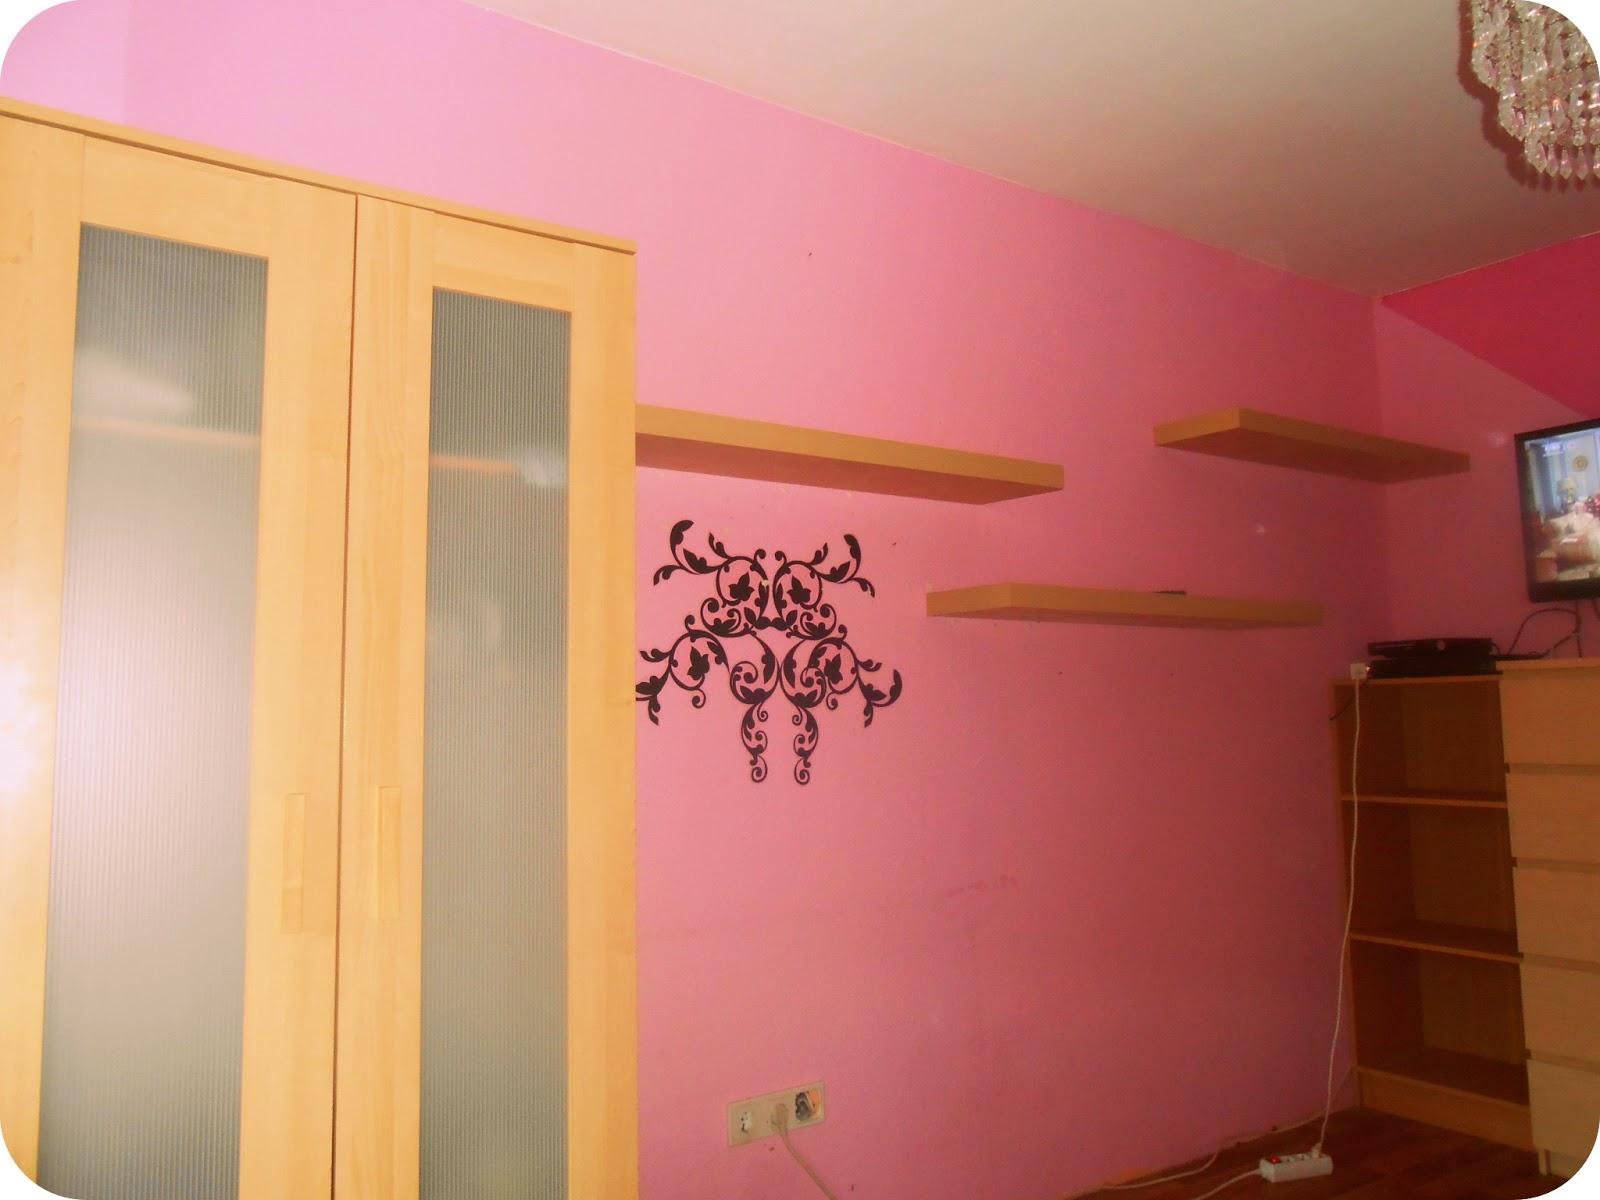 gossip gaga fashion lifestyle beauty cats umbau tag 1 gemeistert aufr umen ausr umen. Black Bedroom Furniture Sets. Home Design Ideas